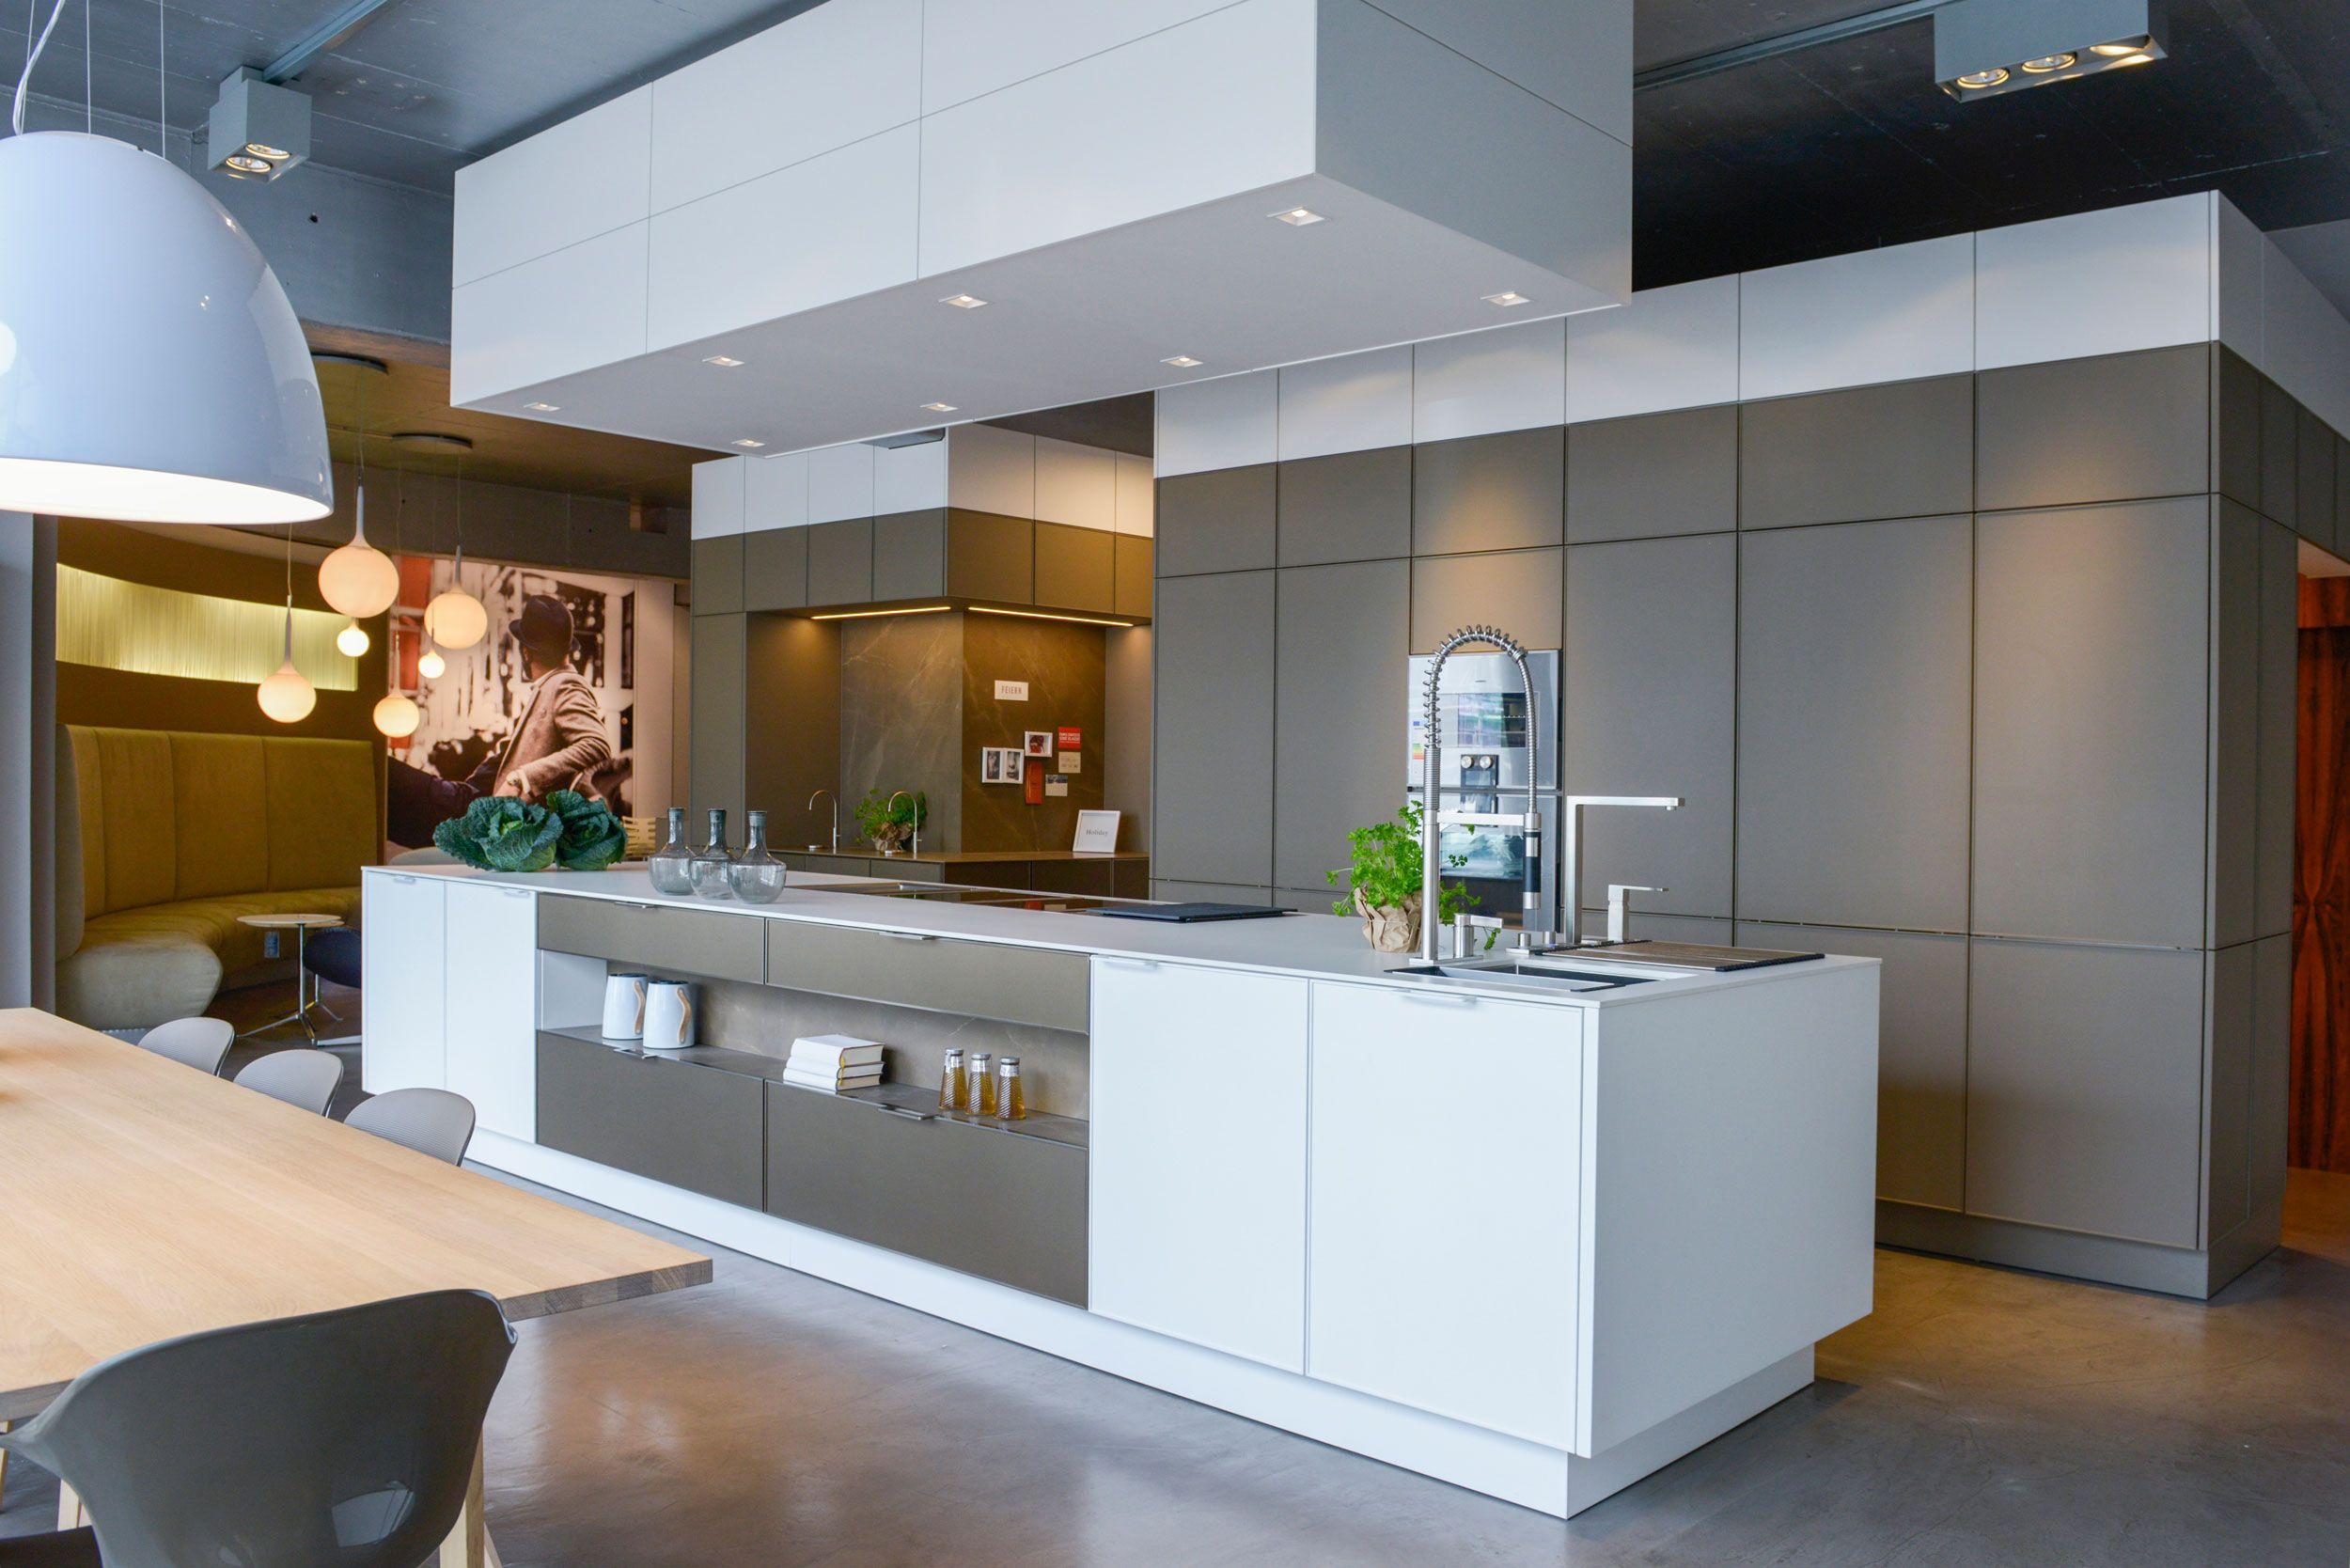 alno kchen bonn finest alno kuchen bonn cool alno reimers. Black Bedroom Furniture Sets. Home Design Ideas